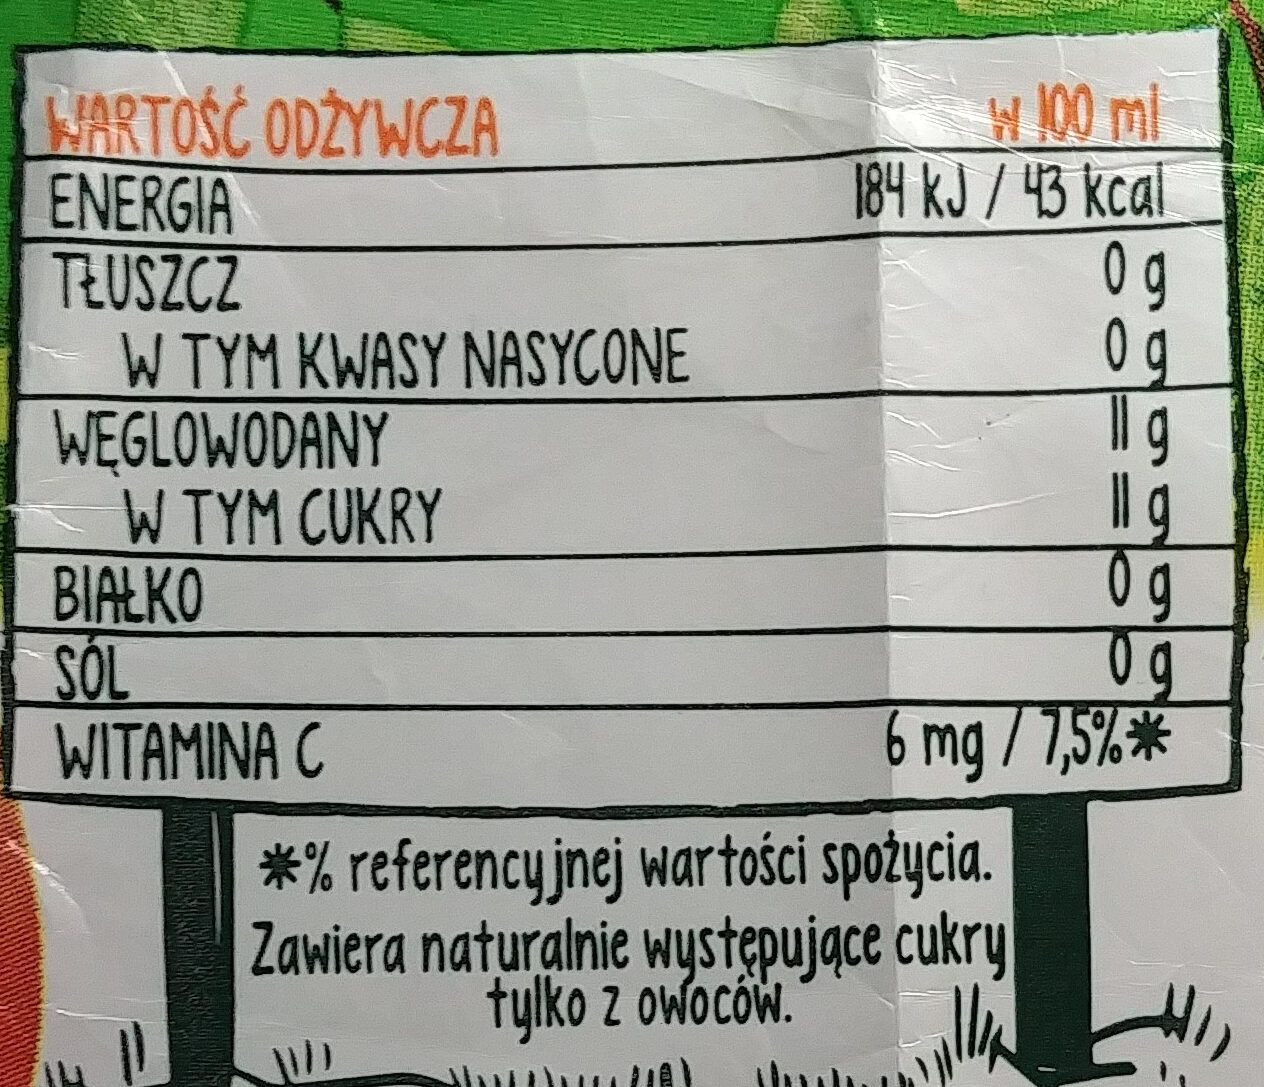 Sok jabłkowy - Wartości odżywcze